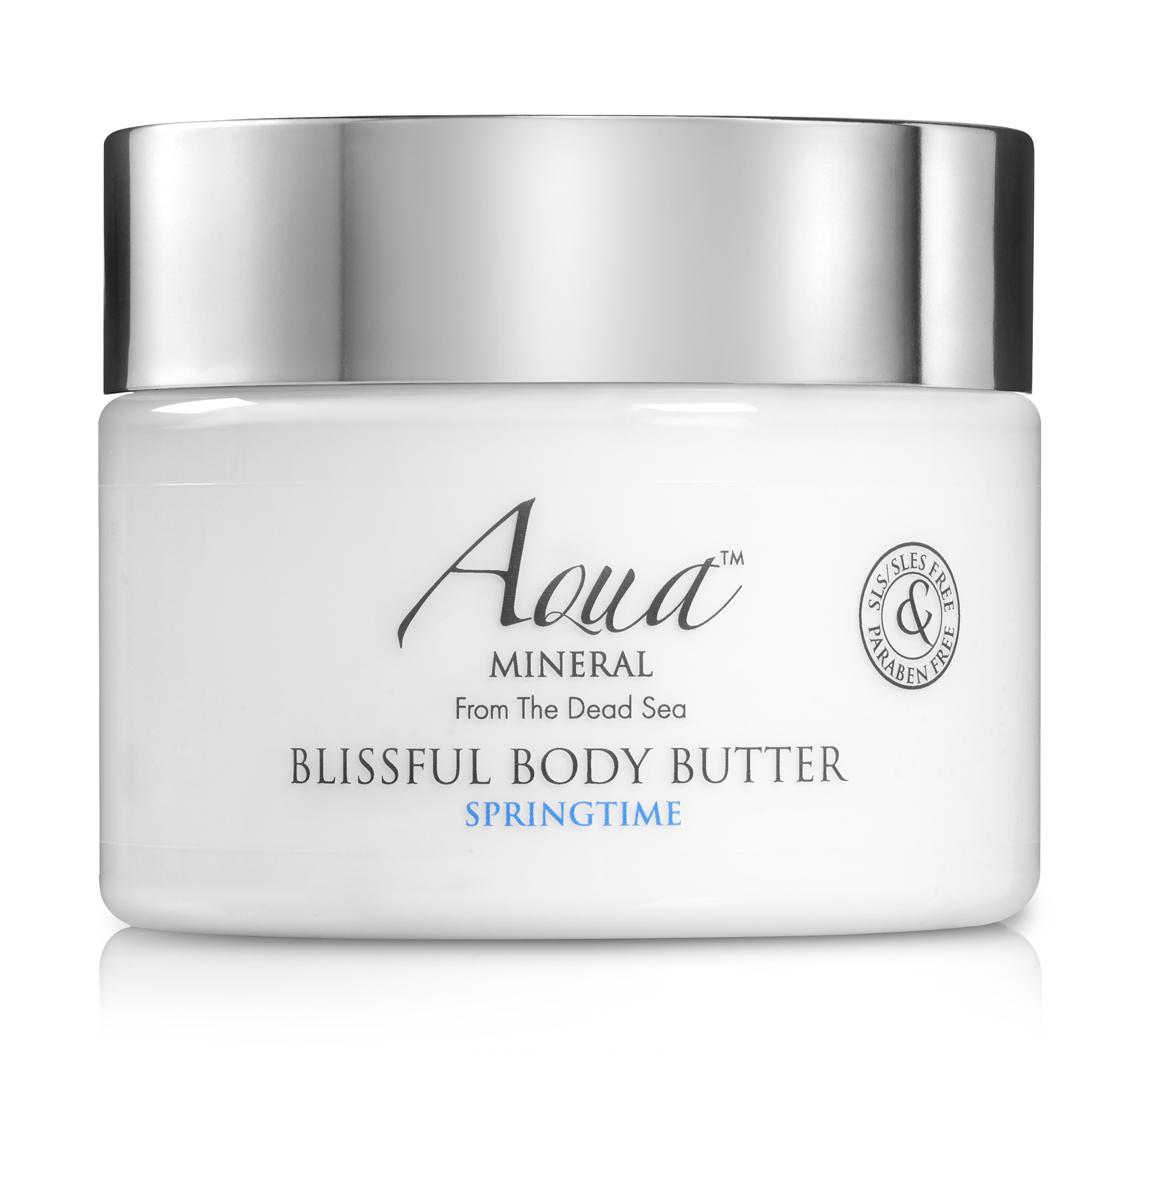 Aqua mineral Крем-масло восхитительное для тела Весенняя пора 350 мл4650001790309Этот легкий деликатный крем увлажняет и защищает кожу рук. Имеет легкую текстуру и быстро впитывается. Обогащен натуральным маслом оливы, маслом ши, маслом сладкого миндаля и маслом авокадо, которые в комплексе помогают коже рук выглядеть ухоженной вне зависимости от погодных условий, обеспечивая ощущение мягкости, питая и заживляющие кожу. Витамин Е и коэнзим Q-10, природные антиоксиданты, придающие коже энергию и обладающие омолаживающим действием.